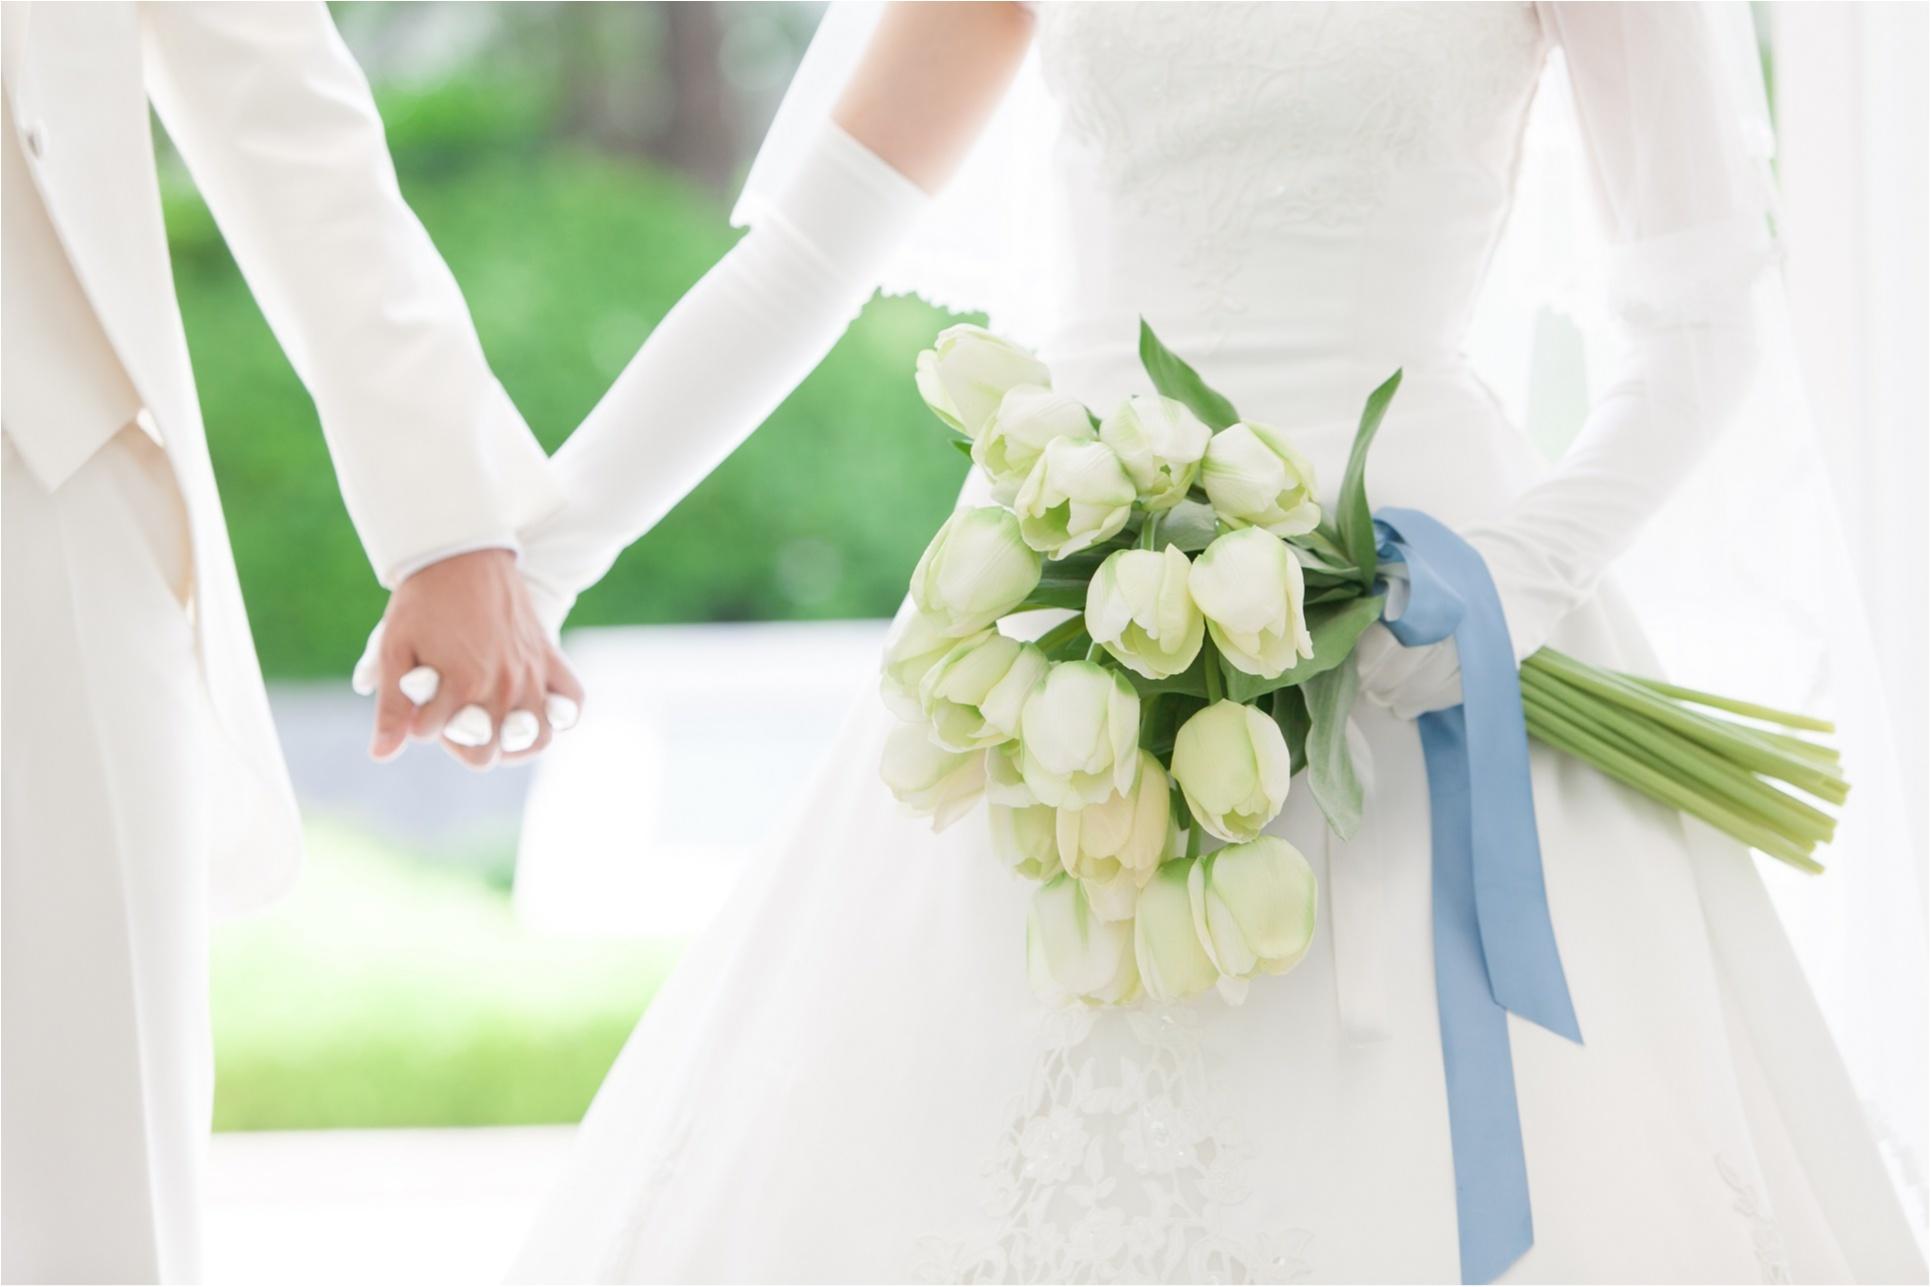 結婚式は「自分の好きな花」を手に持ちヴァージンロードを歩きたい!#さち婚_2